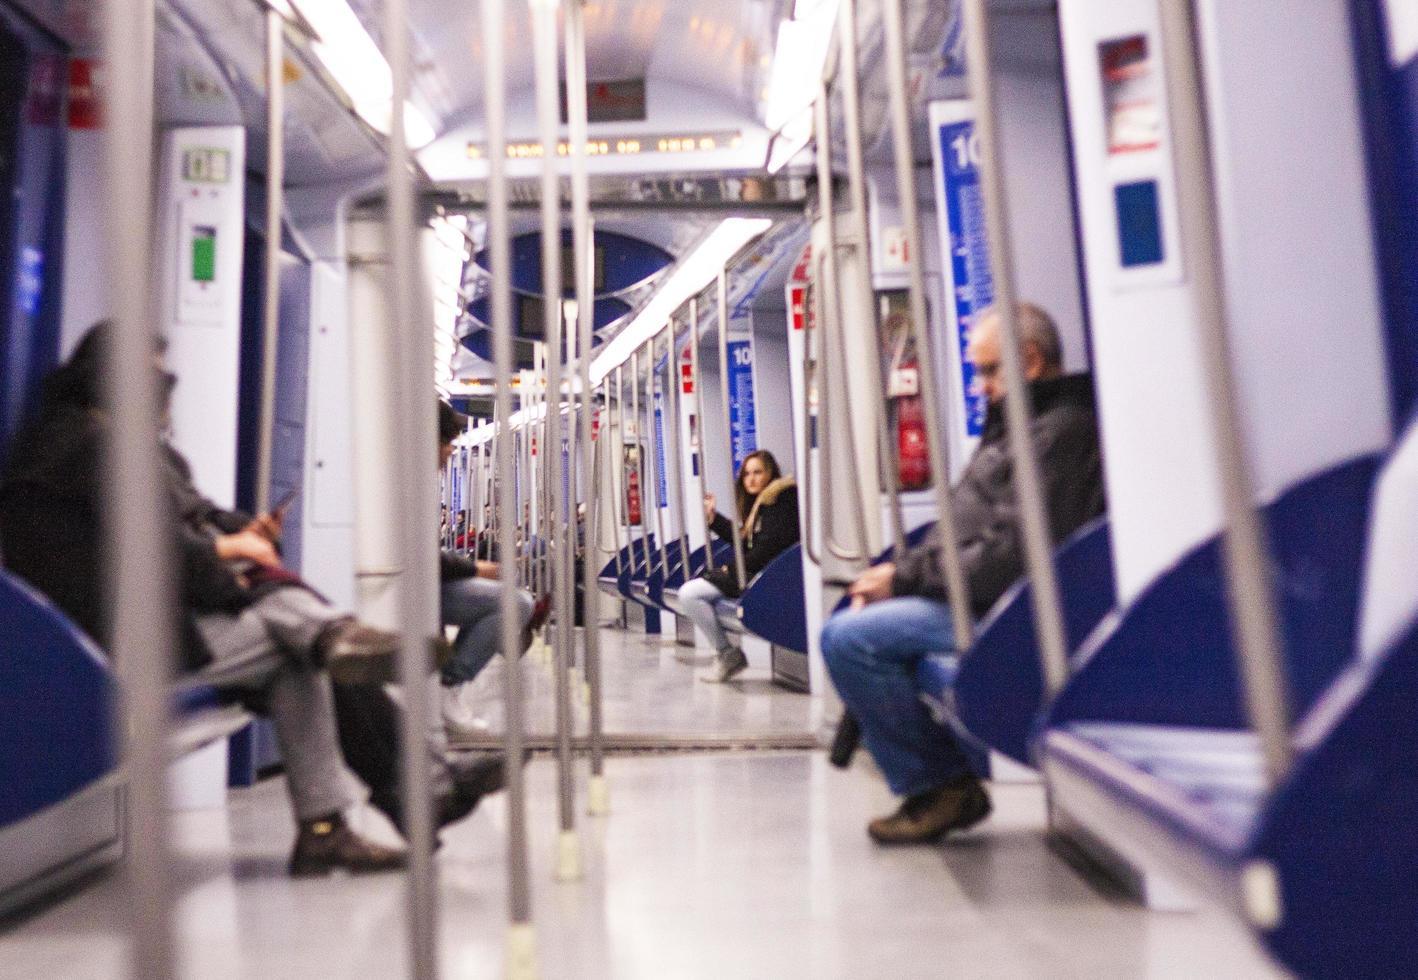 Barcelona, España, 2020 - gente sentada en el tren foto